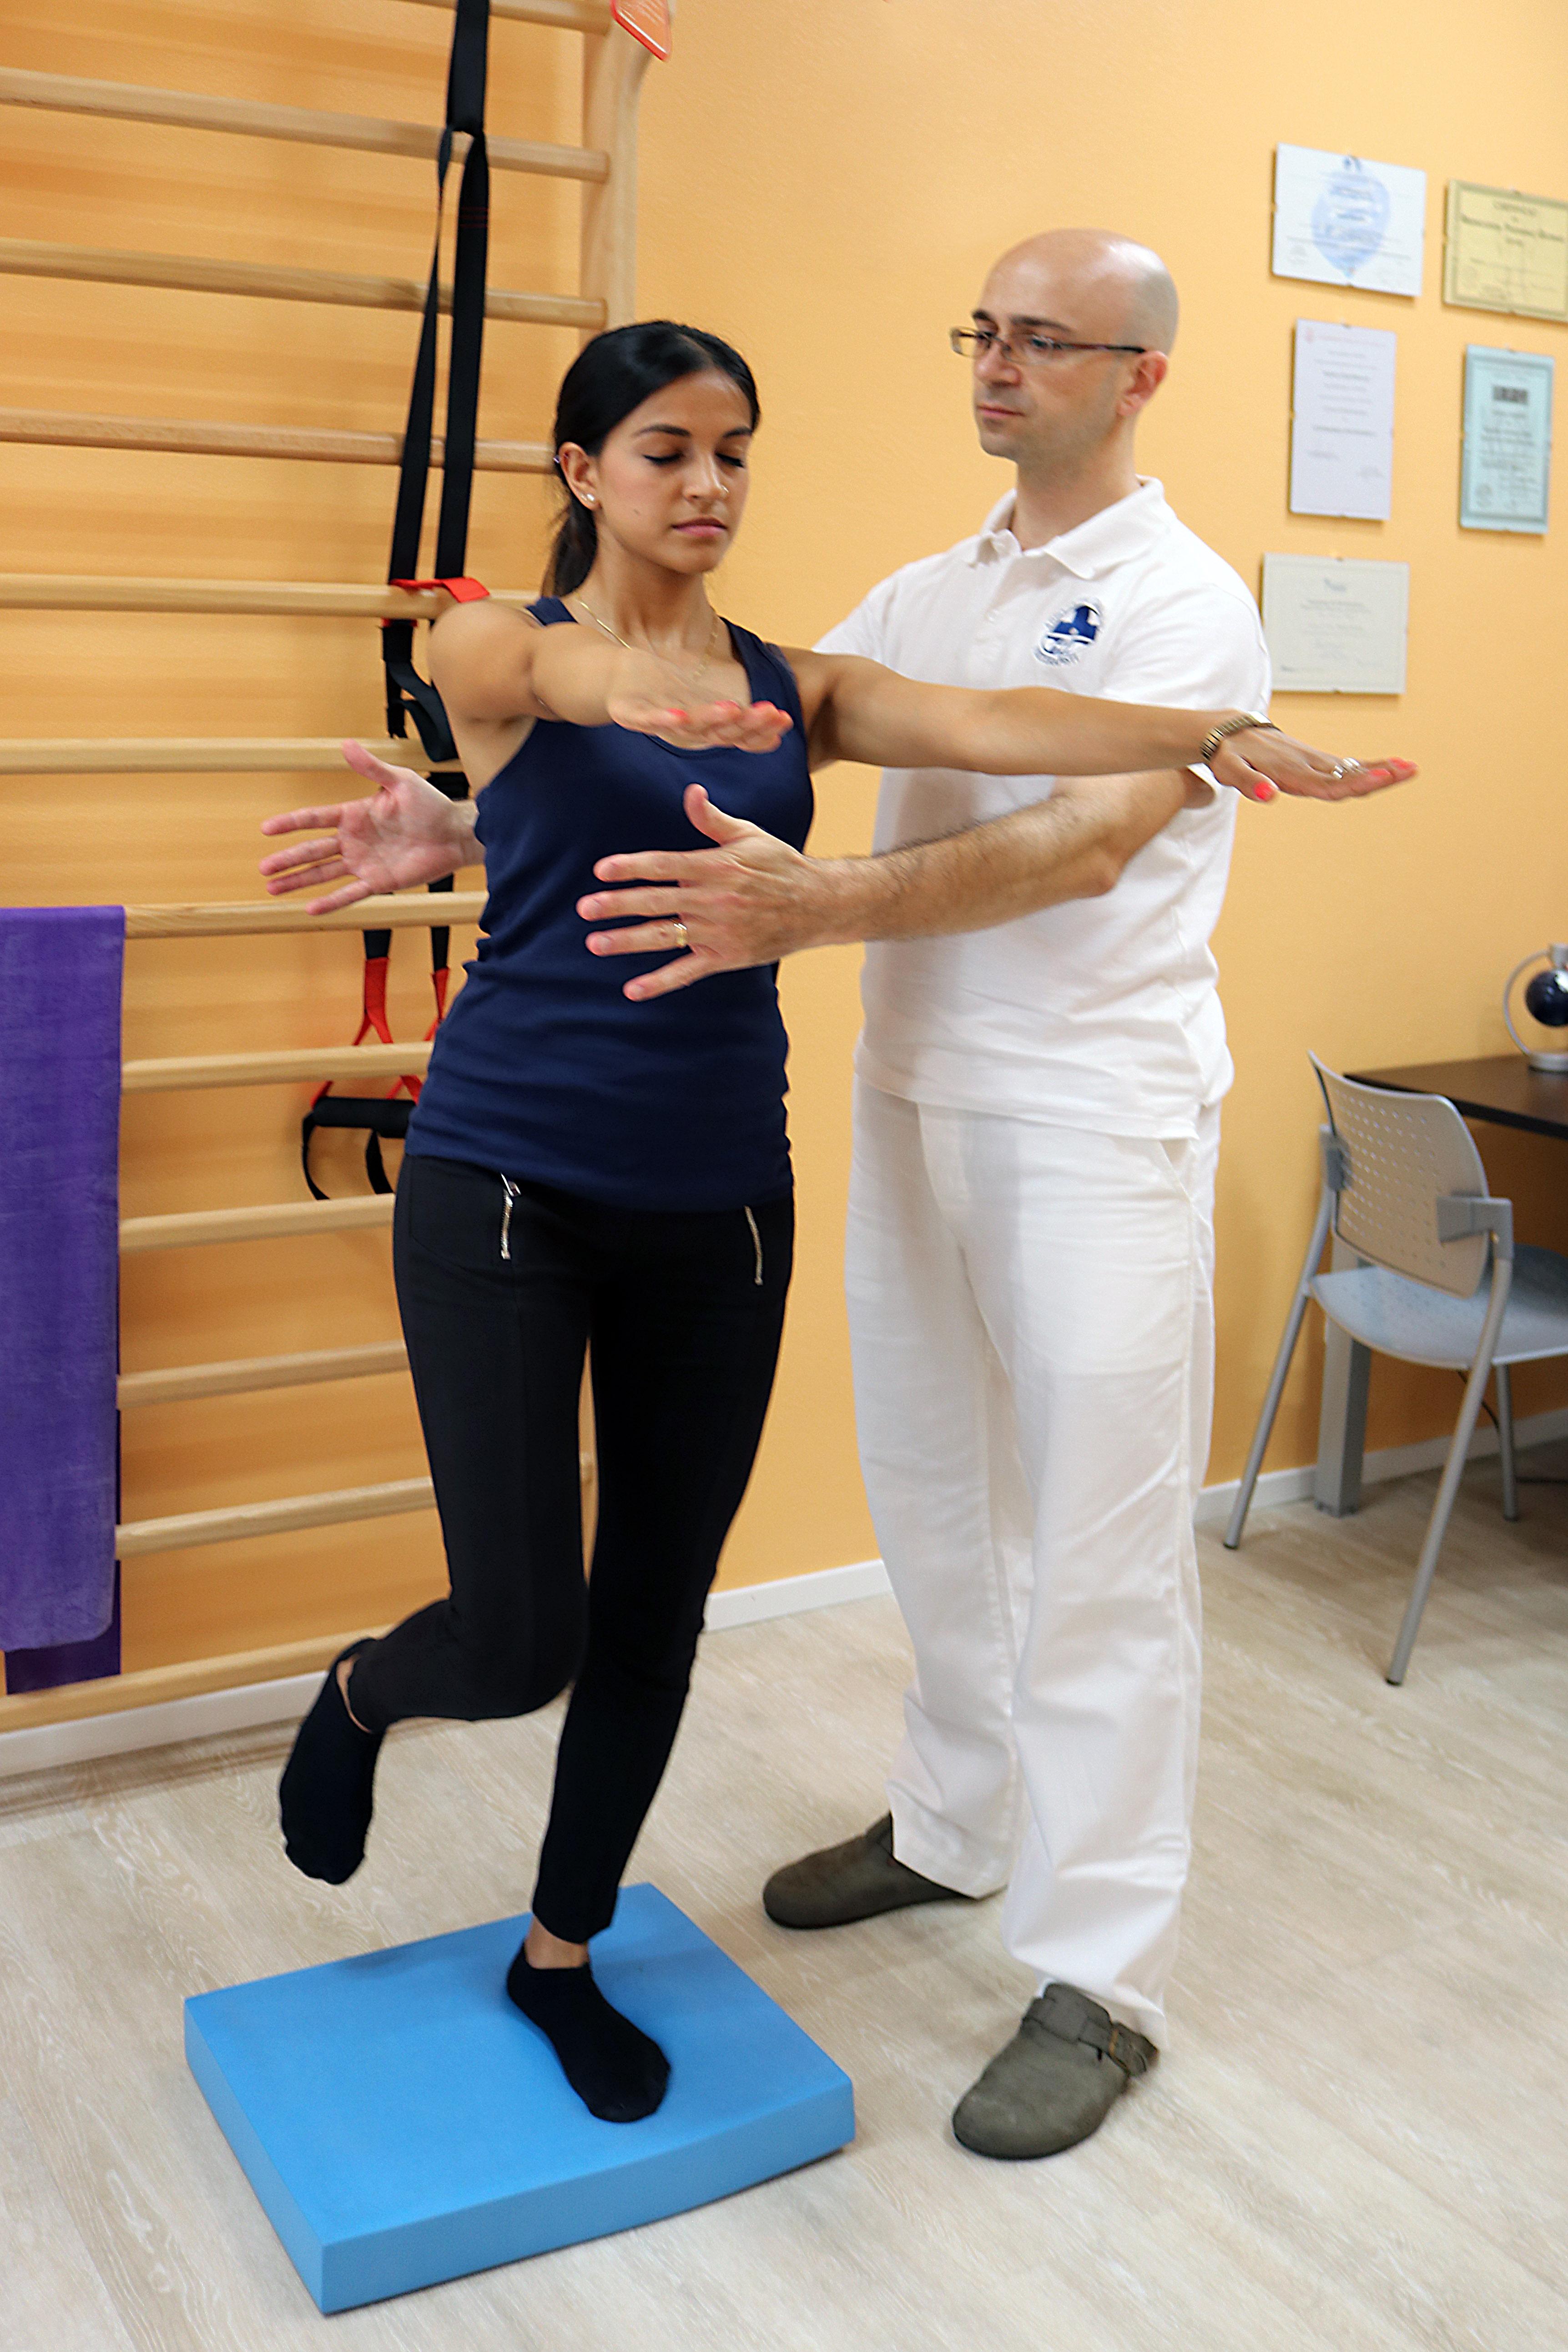 esercizi riabilitazione dell'equilibrio 02